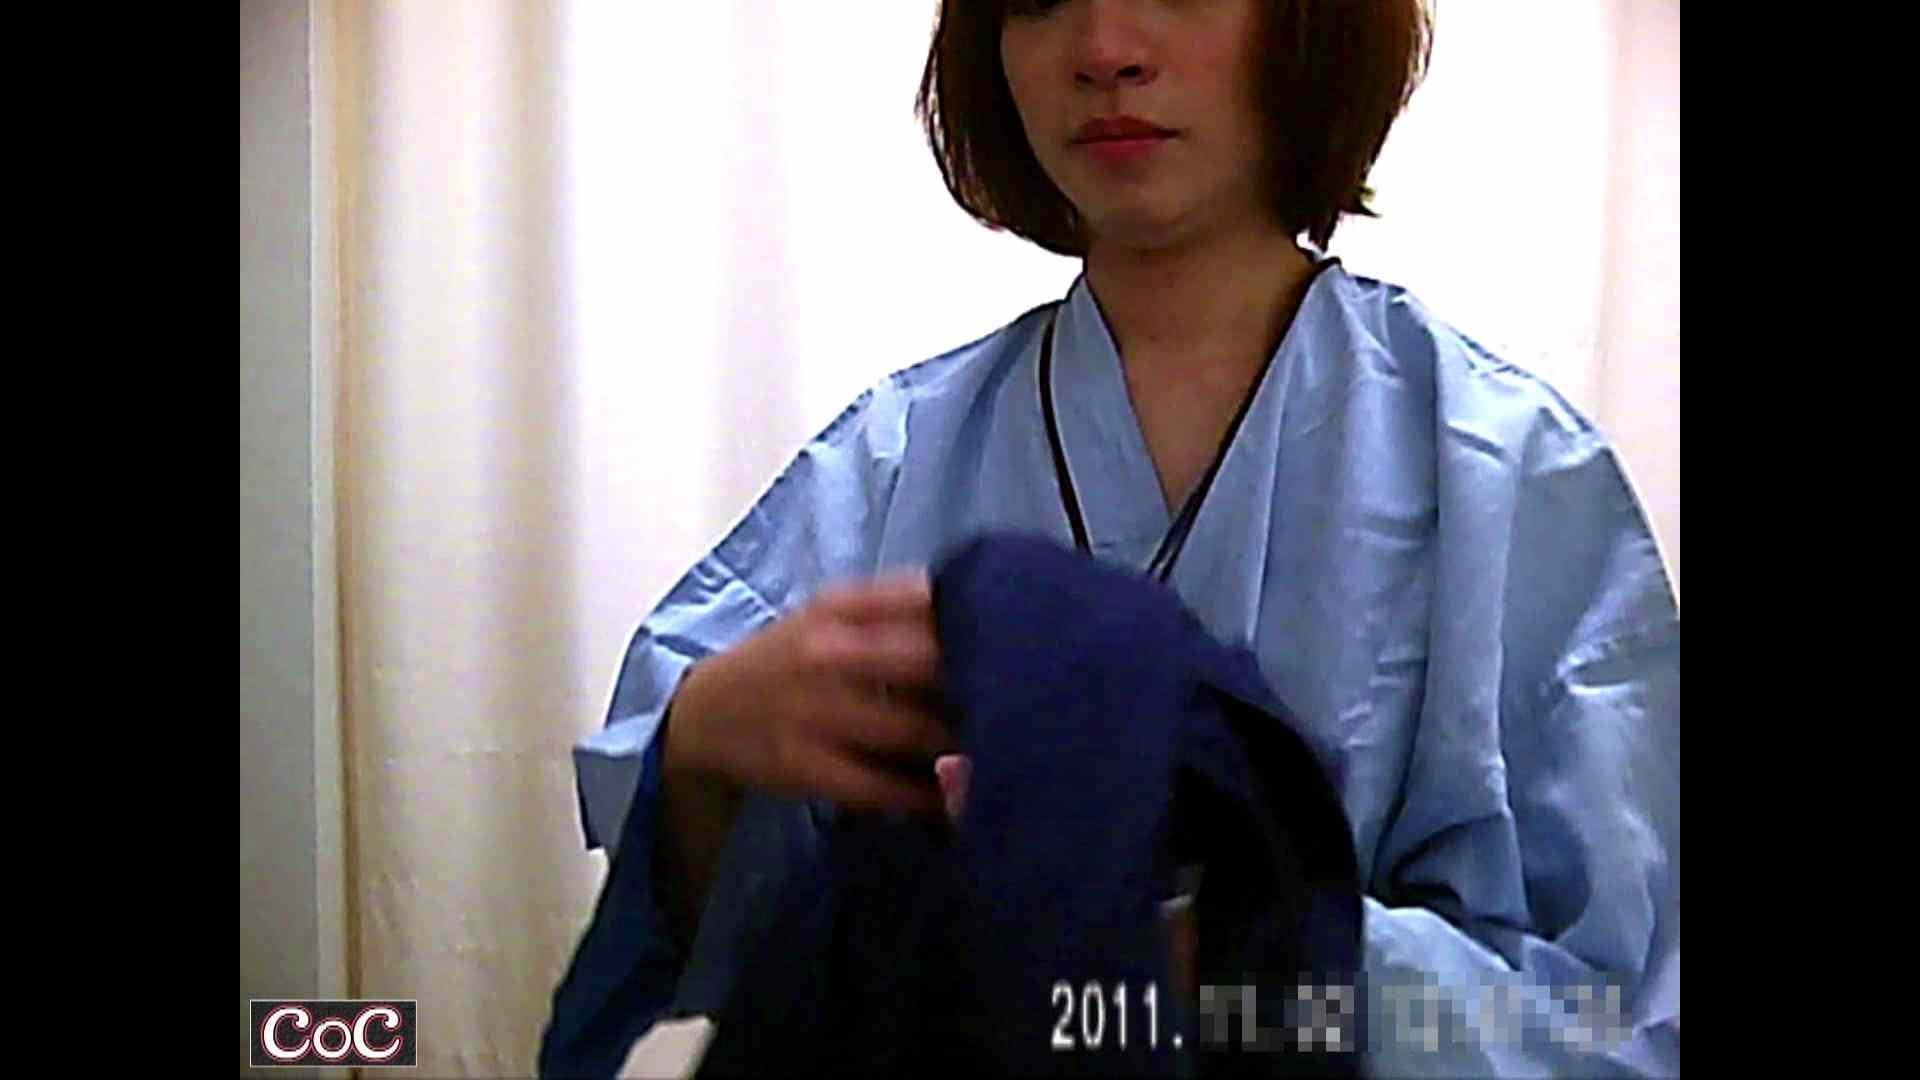 病院おもいっきり着替え! vol.79 OLの実態 盗撮エロ画像 23pic 9